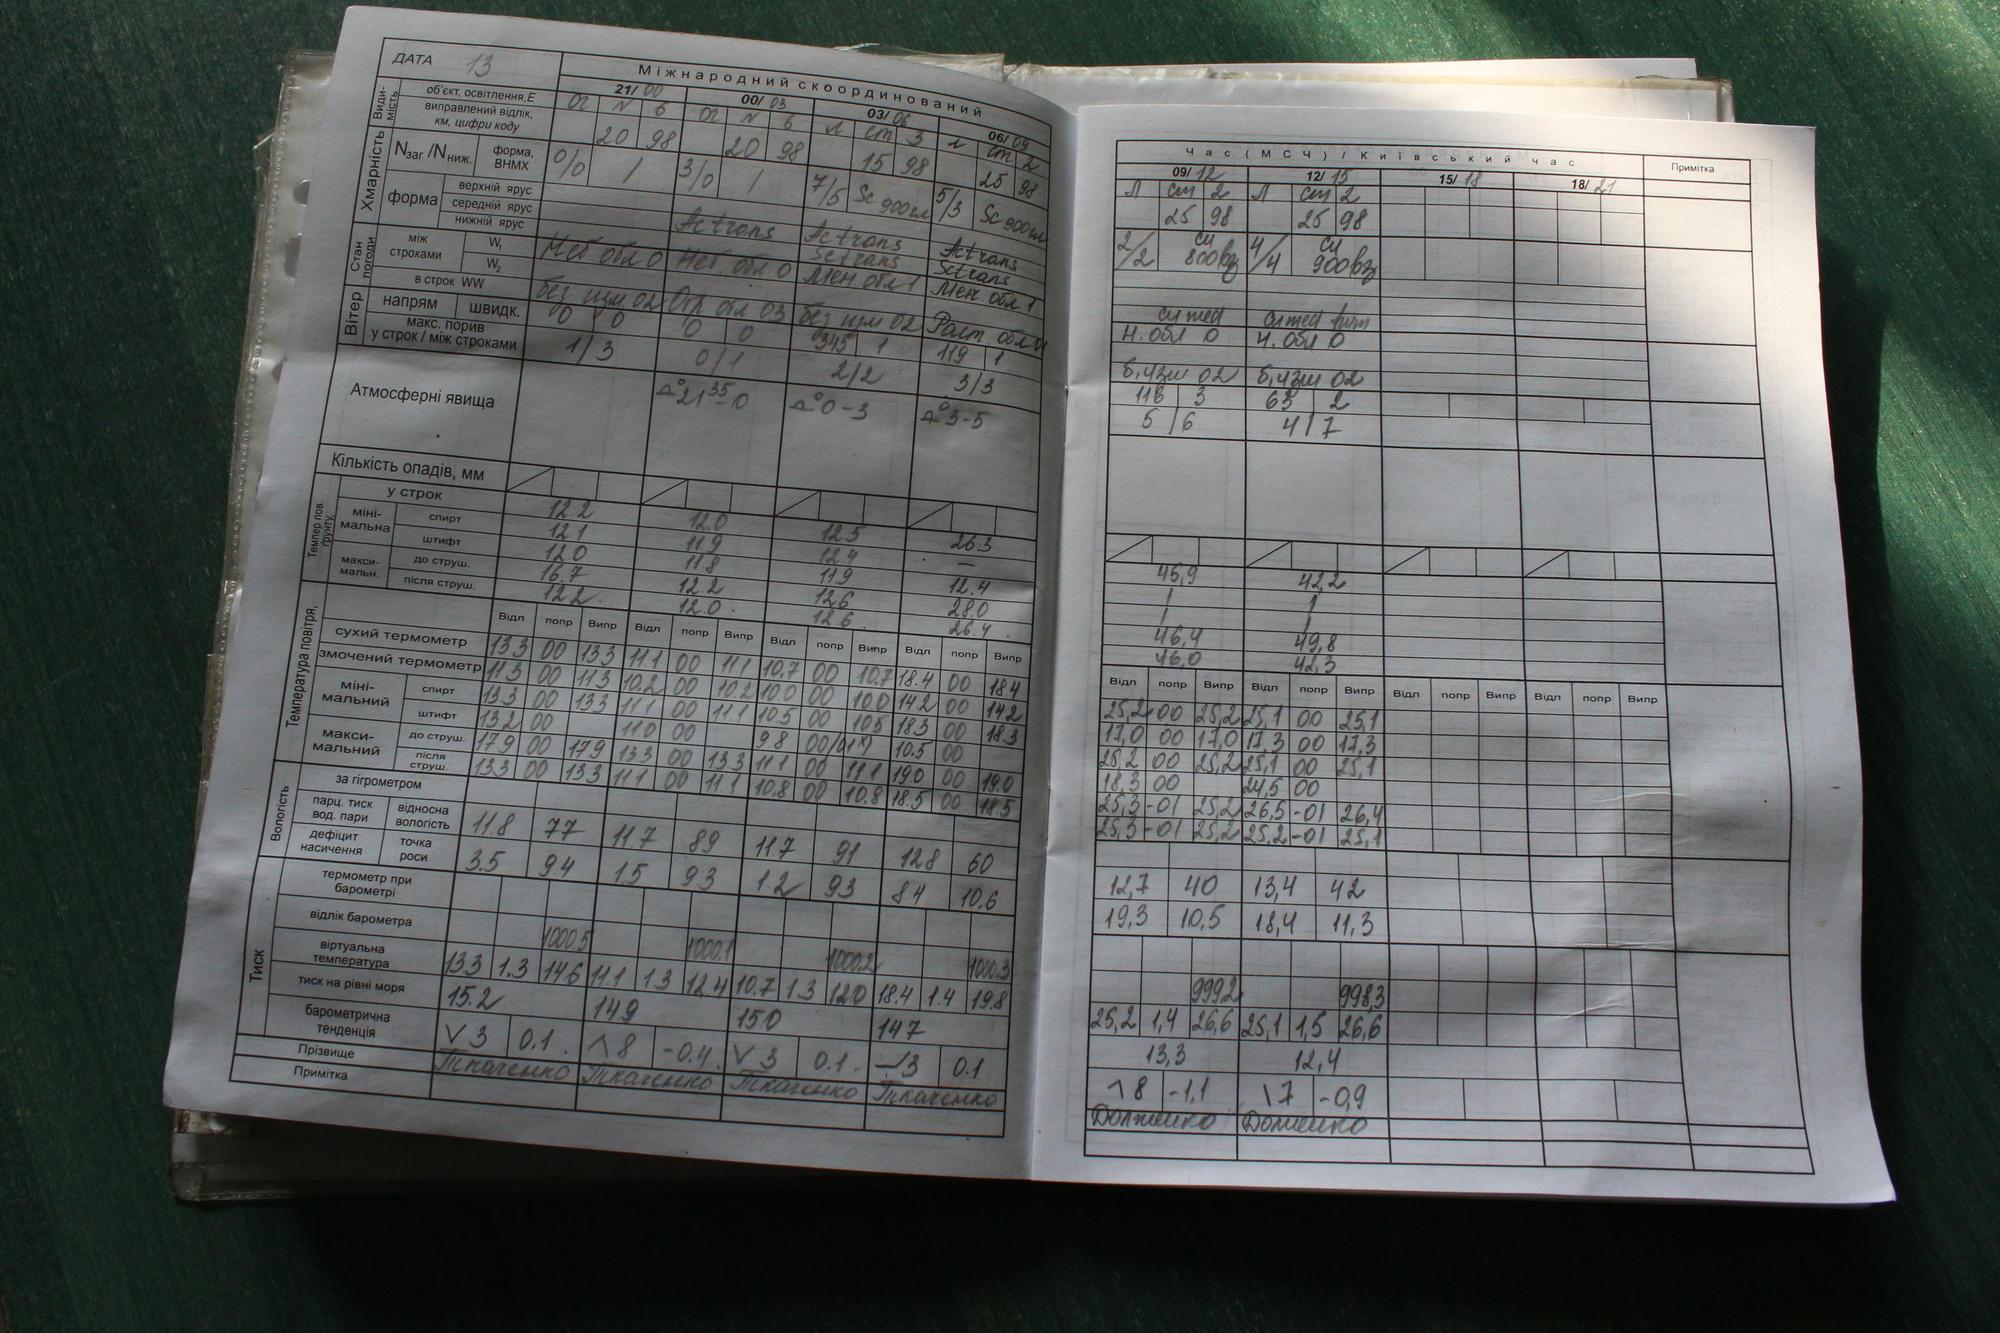 зошит з даними спосетережень Бахмутська метеорологічна станція